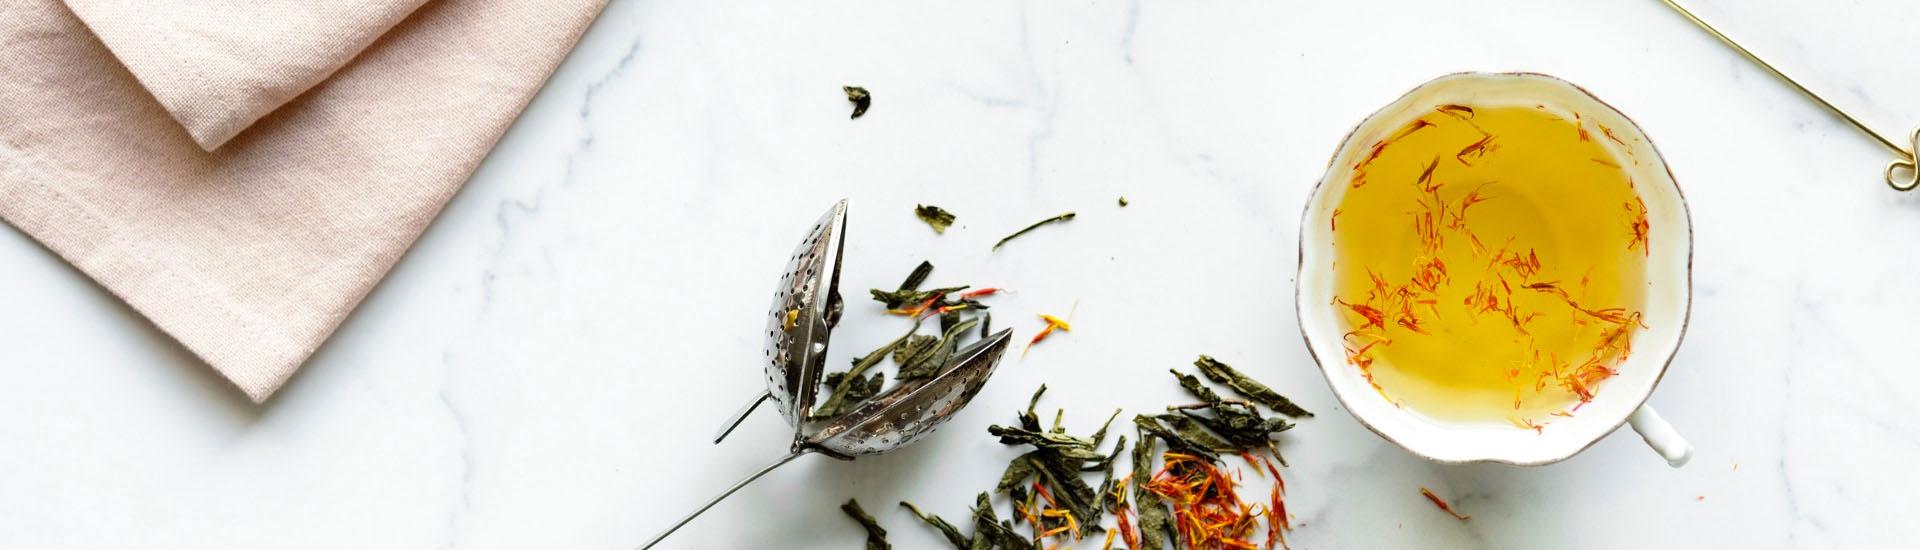 Introducción a las bases del té